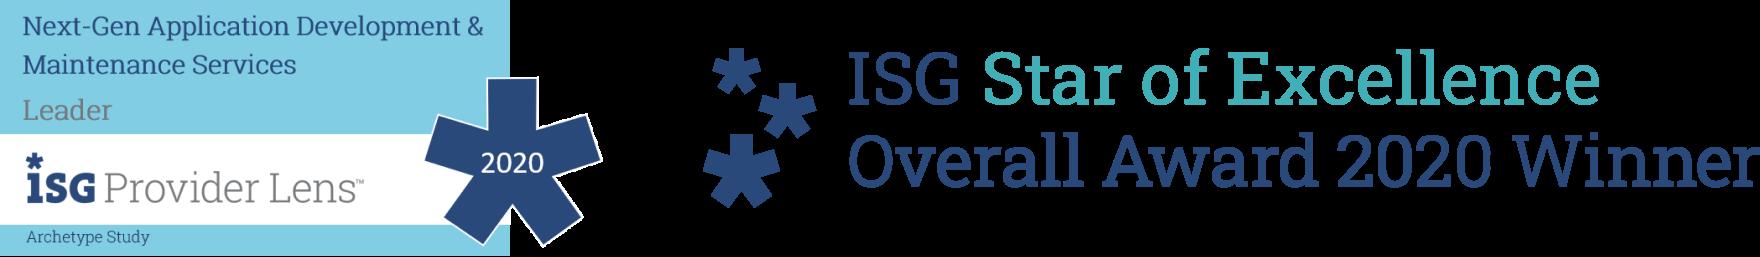 ISG Provider Lens™ 2020– ISG Star of Excellence Award 2020